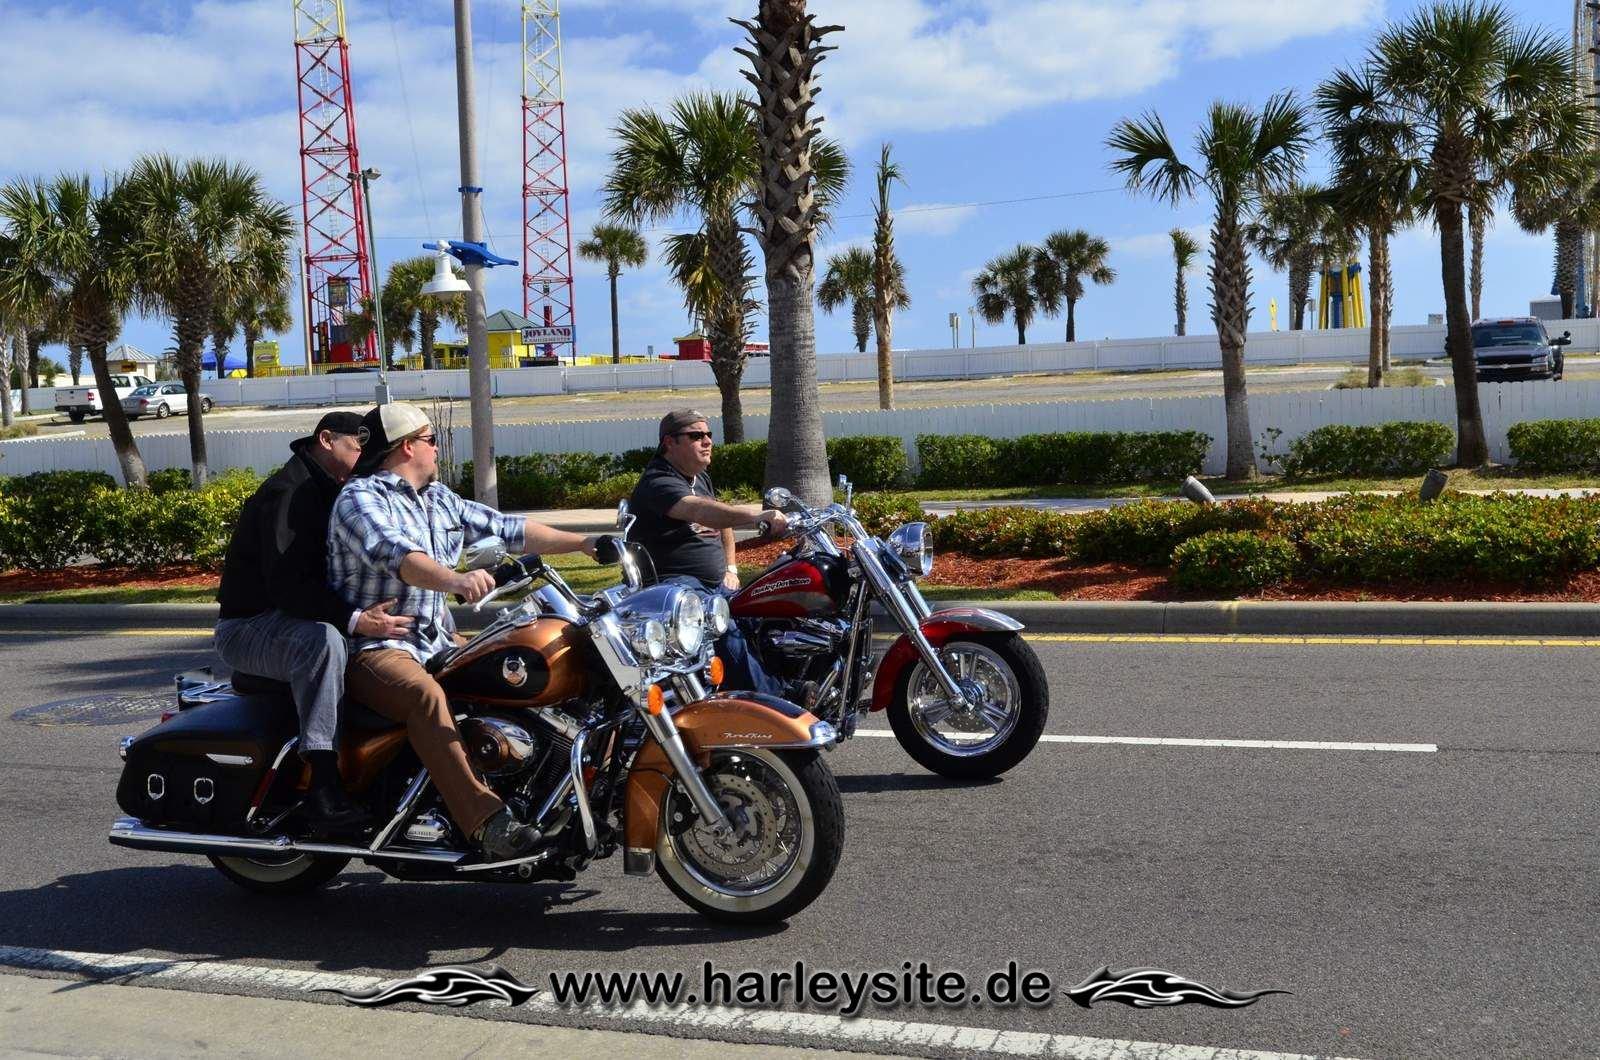 Daytona Bike Week Harley on the Road